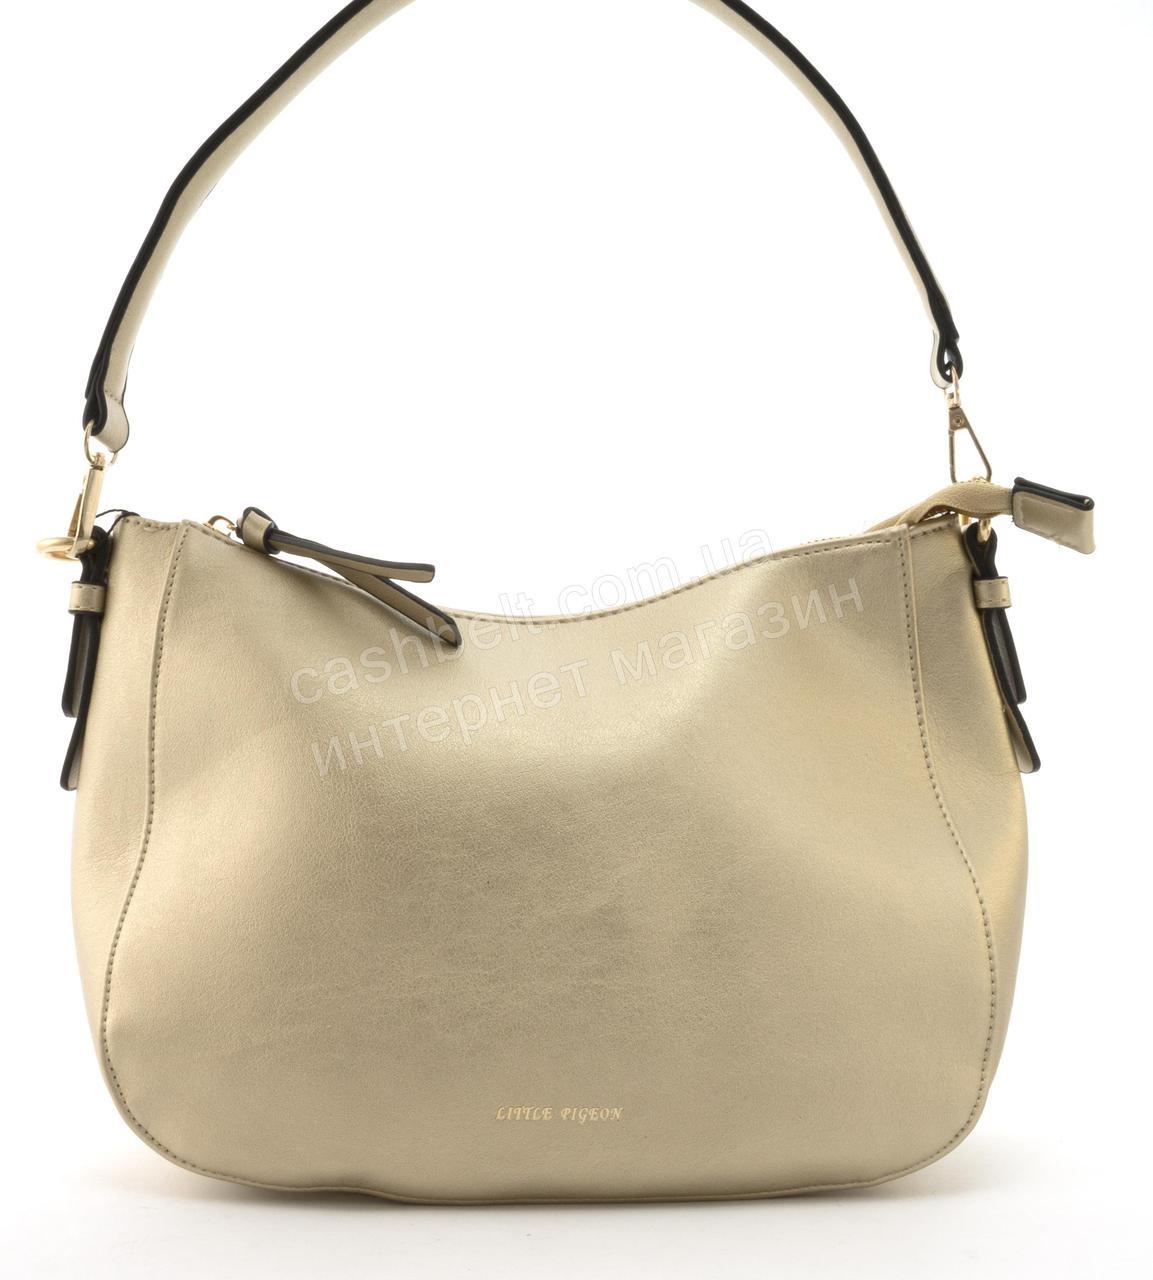 Качественная стильная сумка с эко кожи высокого качества Little Pigion art. T29 золотистая